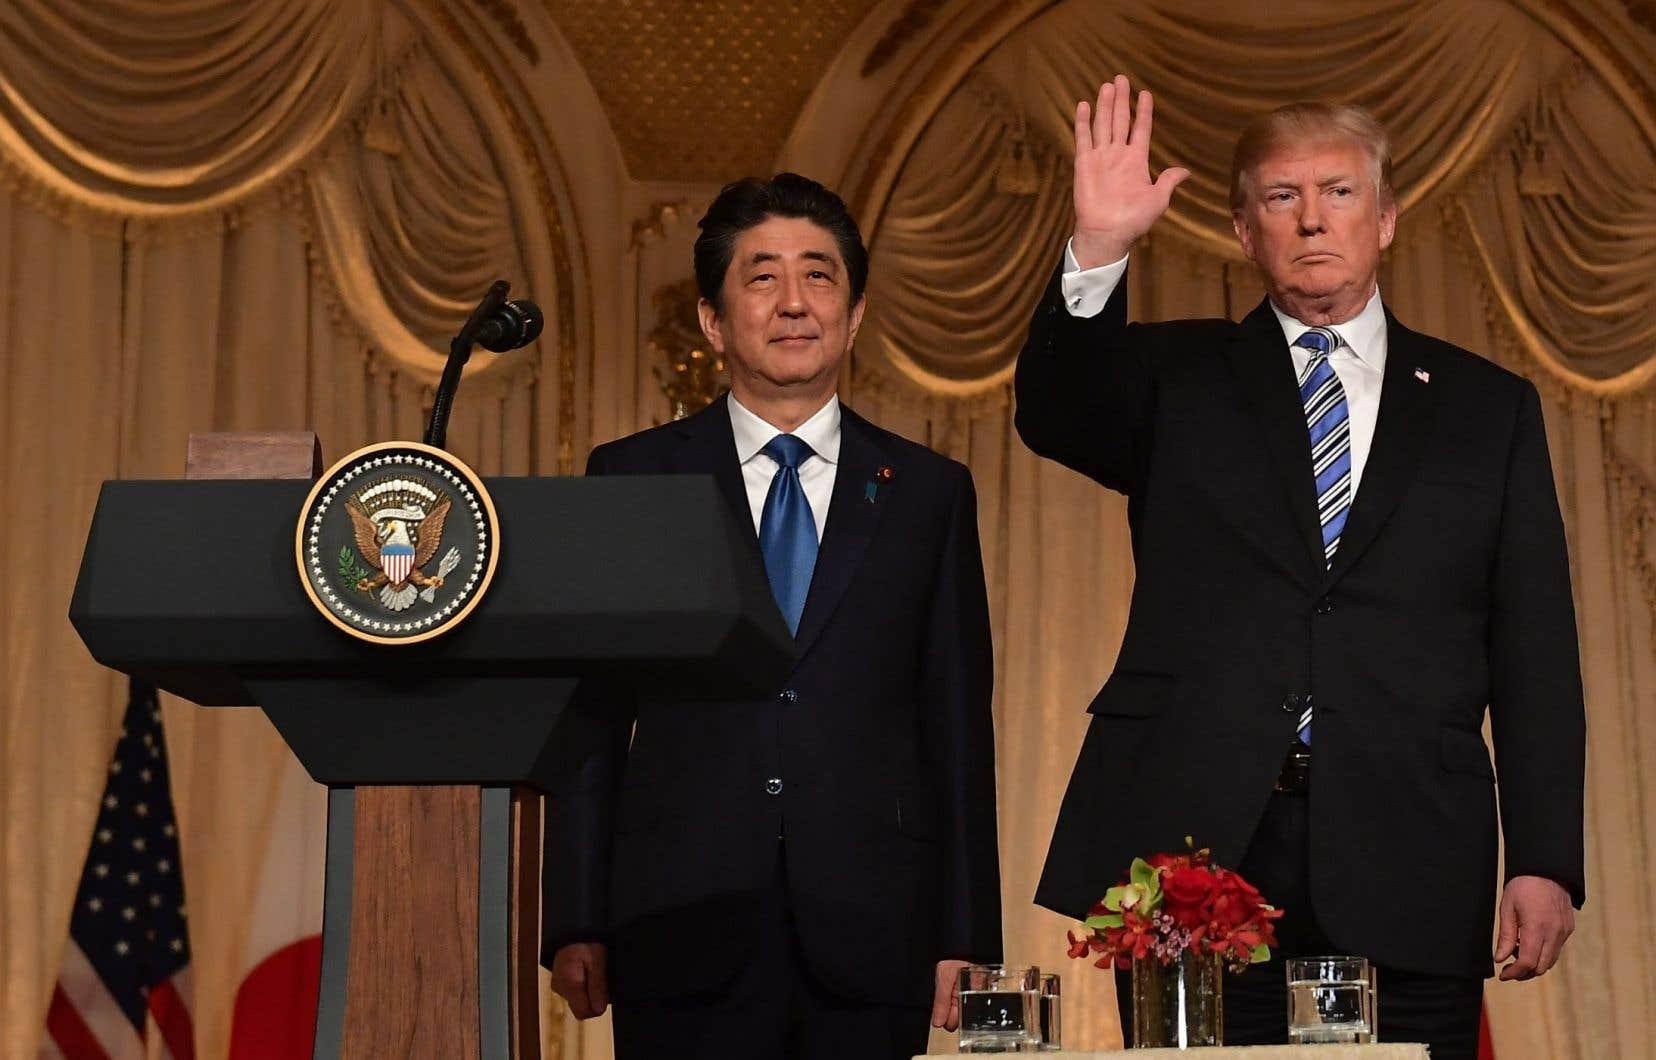 Le premier ministre japonais, Shinzo Abe, avec le président américain, Donald Trump, à la fin d'une conférence de presse conjointe au domaine Mar-a-Lago à Palm Beach, en Floride, le 18 avril 2018